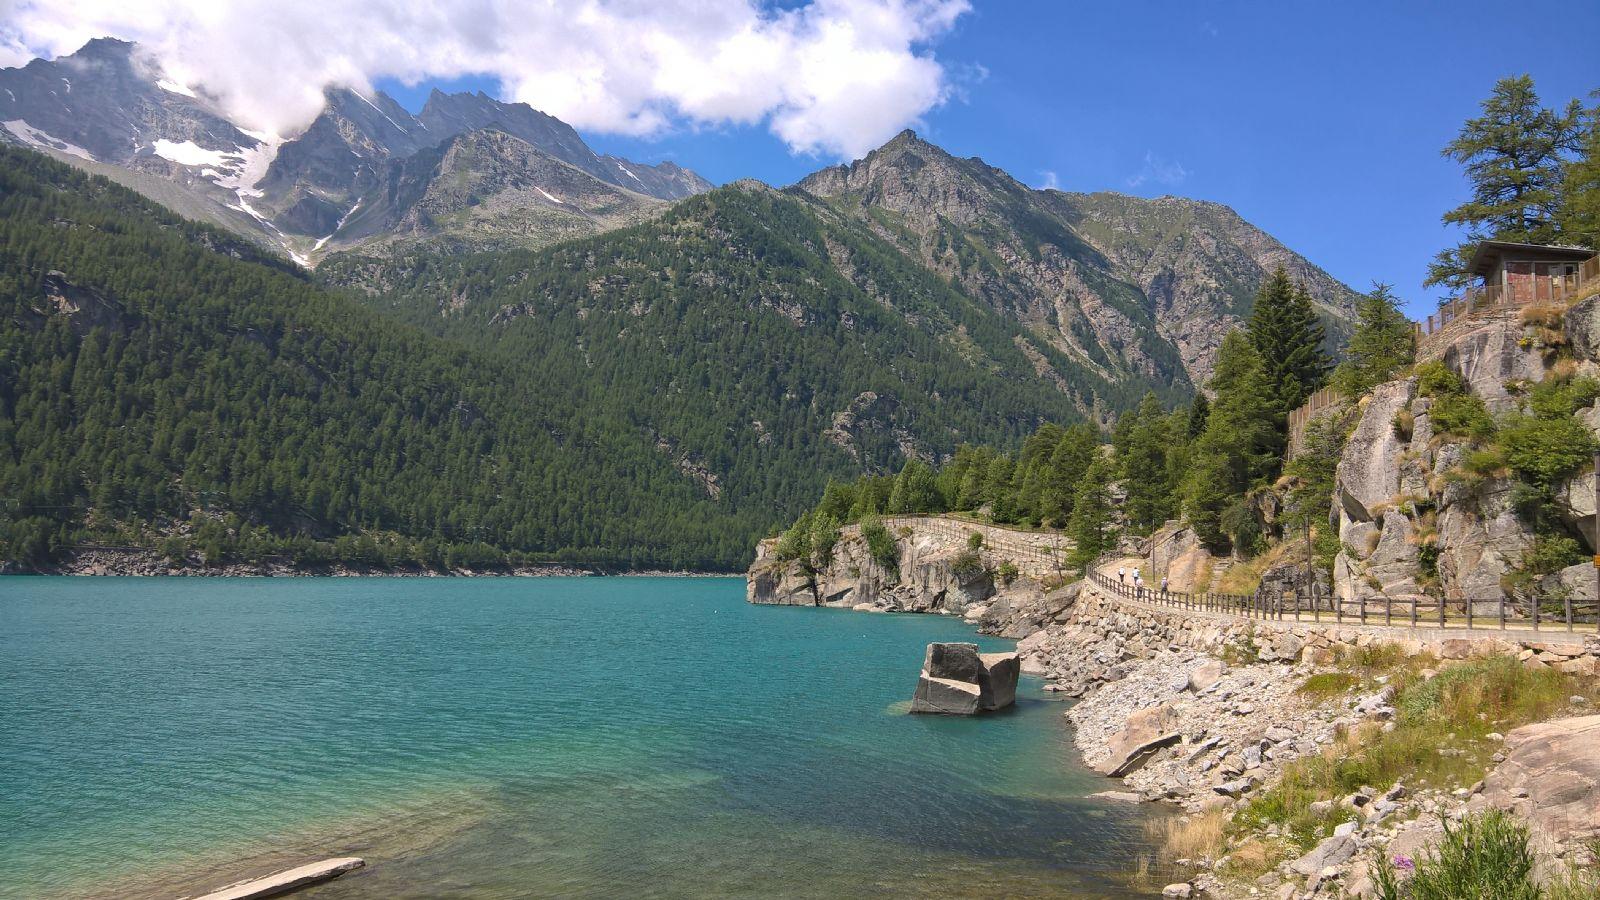 Percorso accessibile lungo il lago di Ceresole Reale